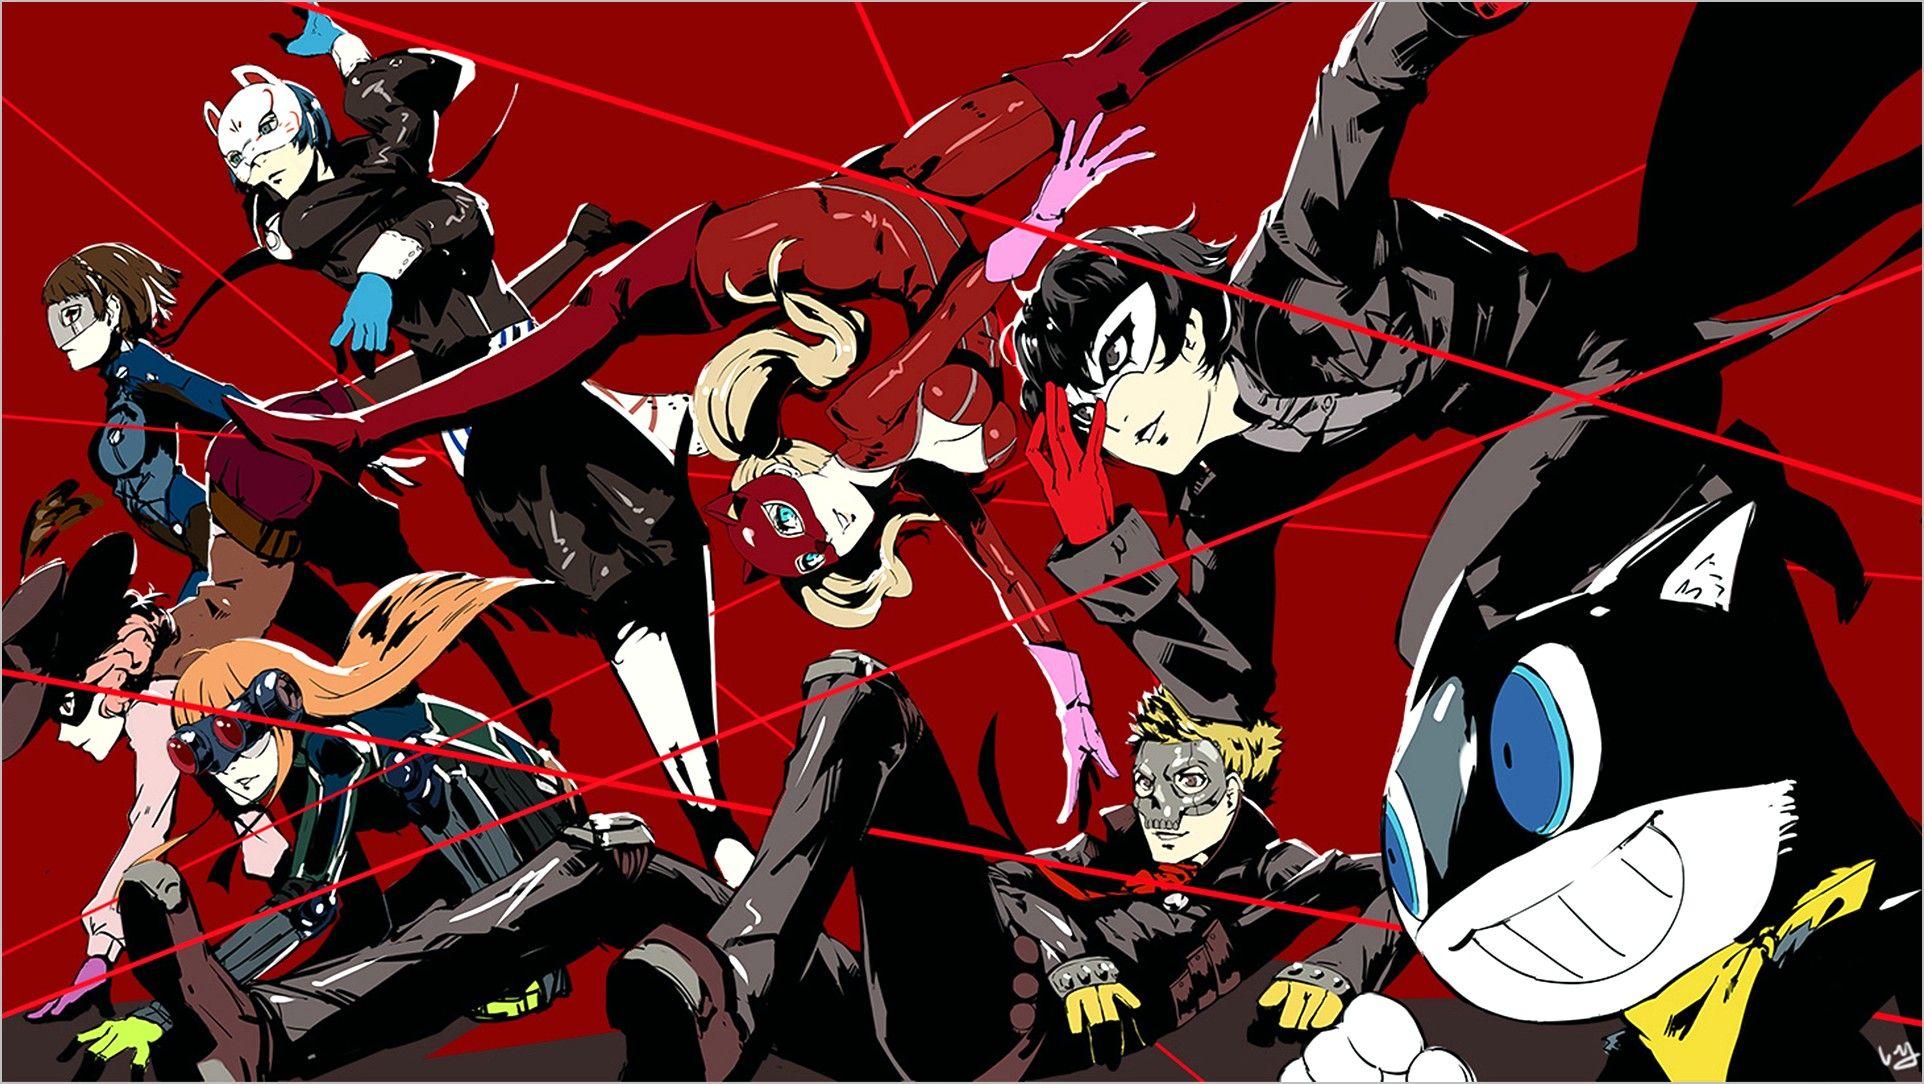 Ann Persona 5 Wallpaper 4k In 2020 Persona 5 Persona 5 Joker Persona